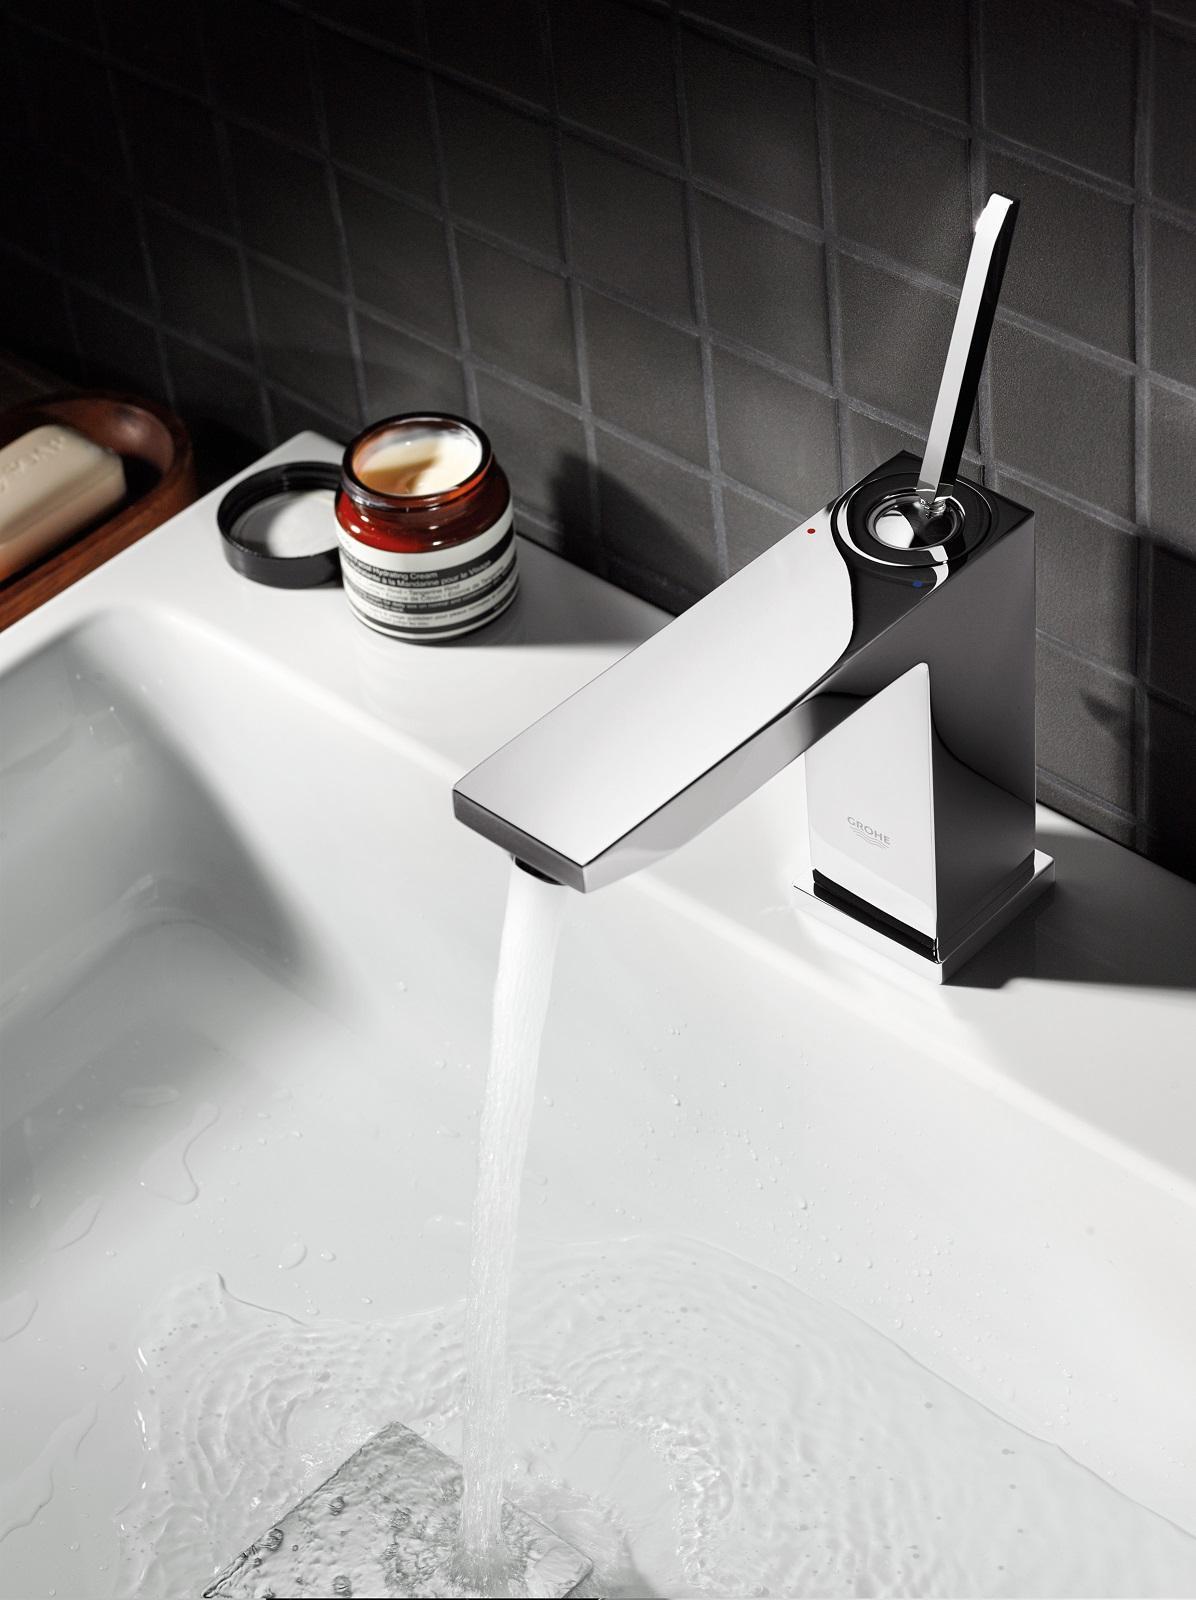 Rubinetti Bagno Moderni.Rubinetti Squadrati Design Per Il Bagno Moderno Cose Di Casa